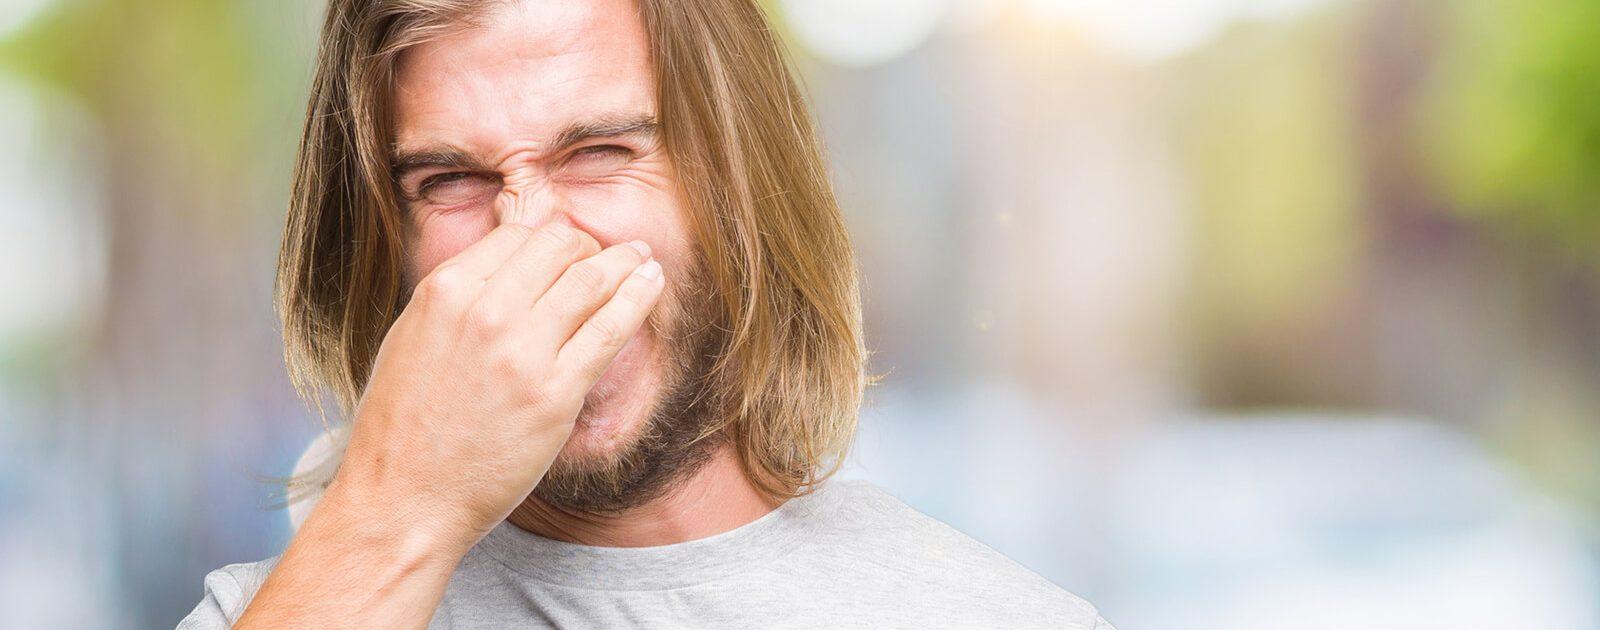 Bei der Stinknase verströmt die Nase einen üblen Geruch.